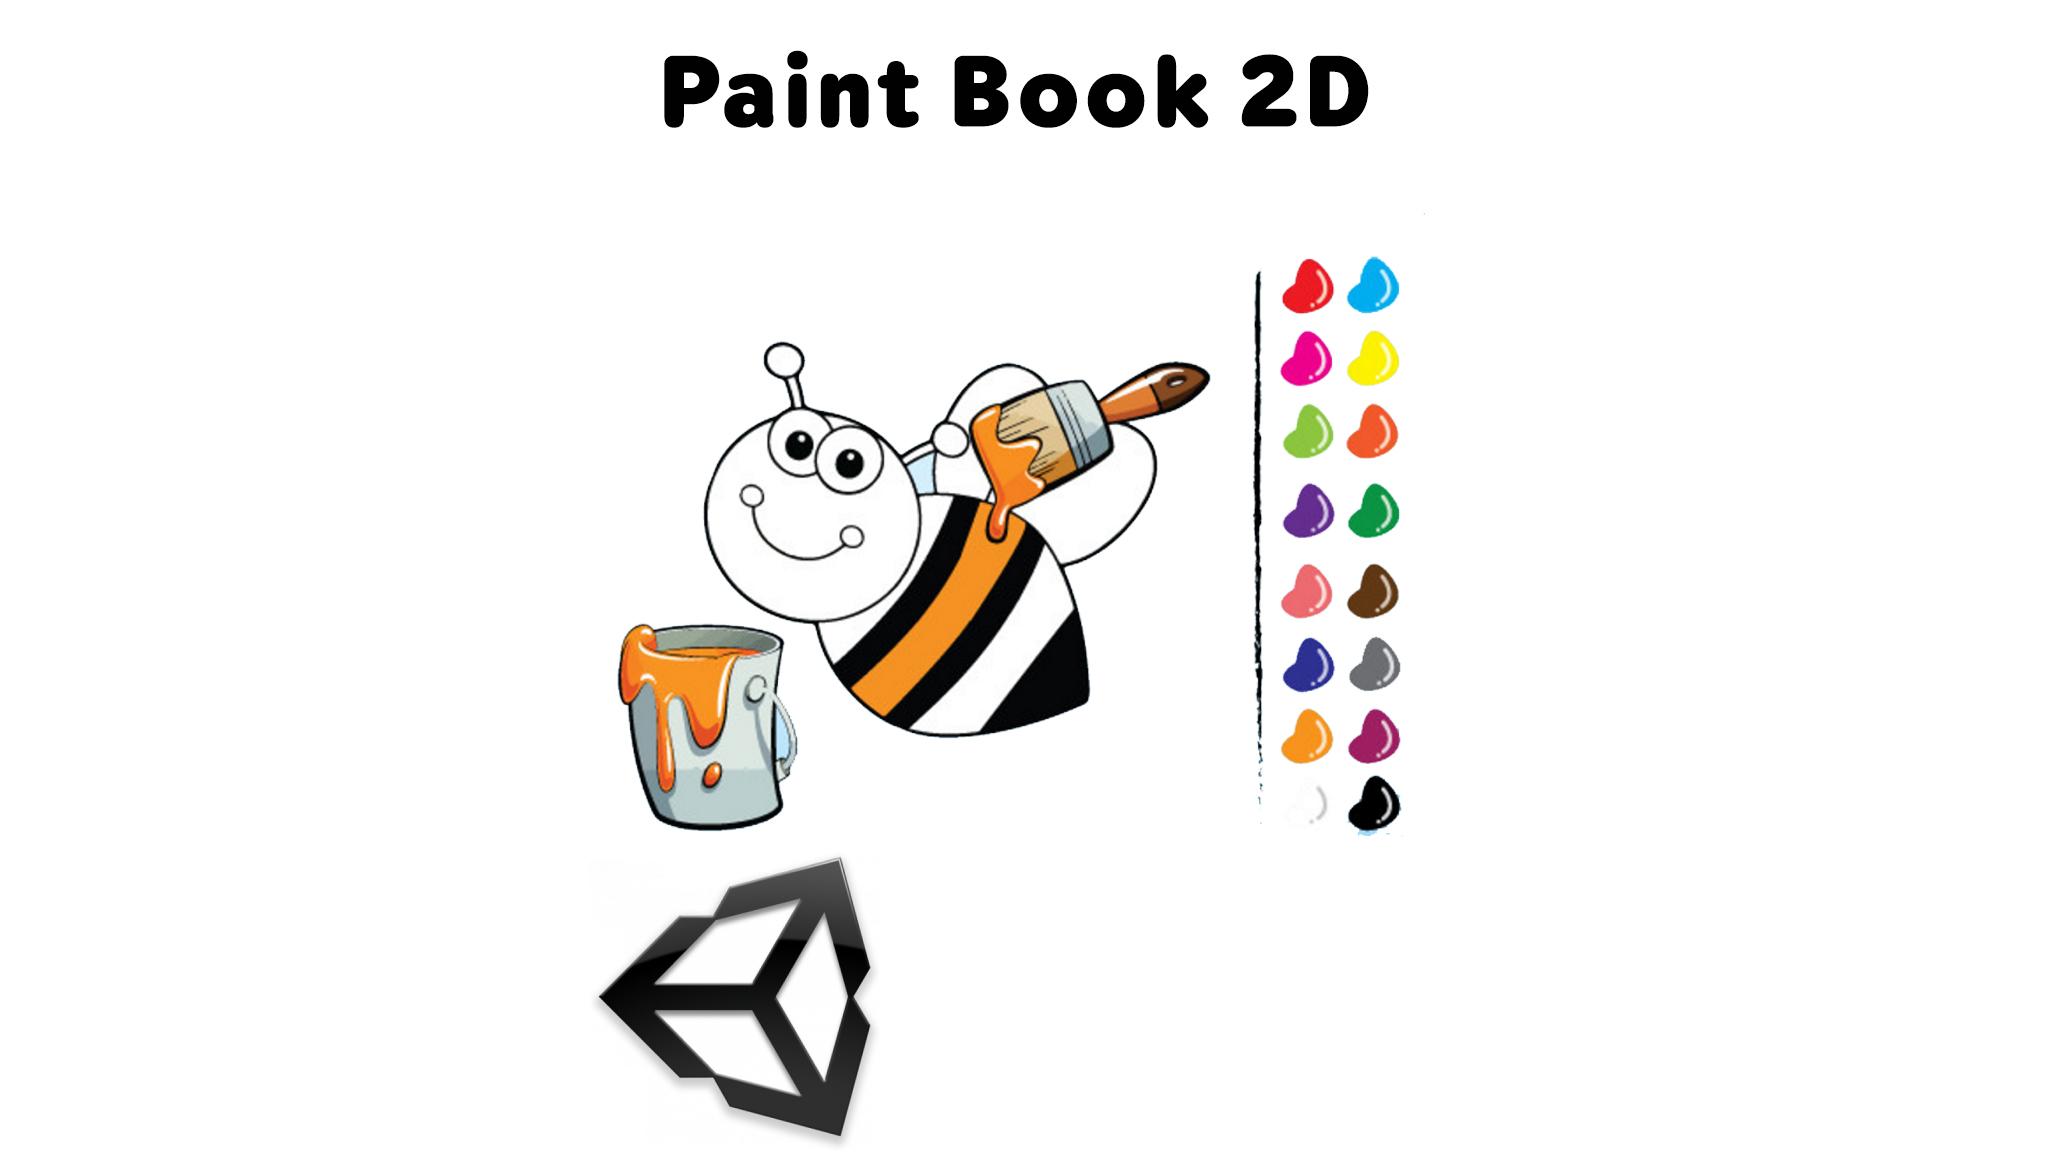 Paint Book 2D Unity Project